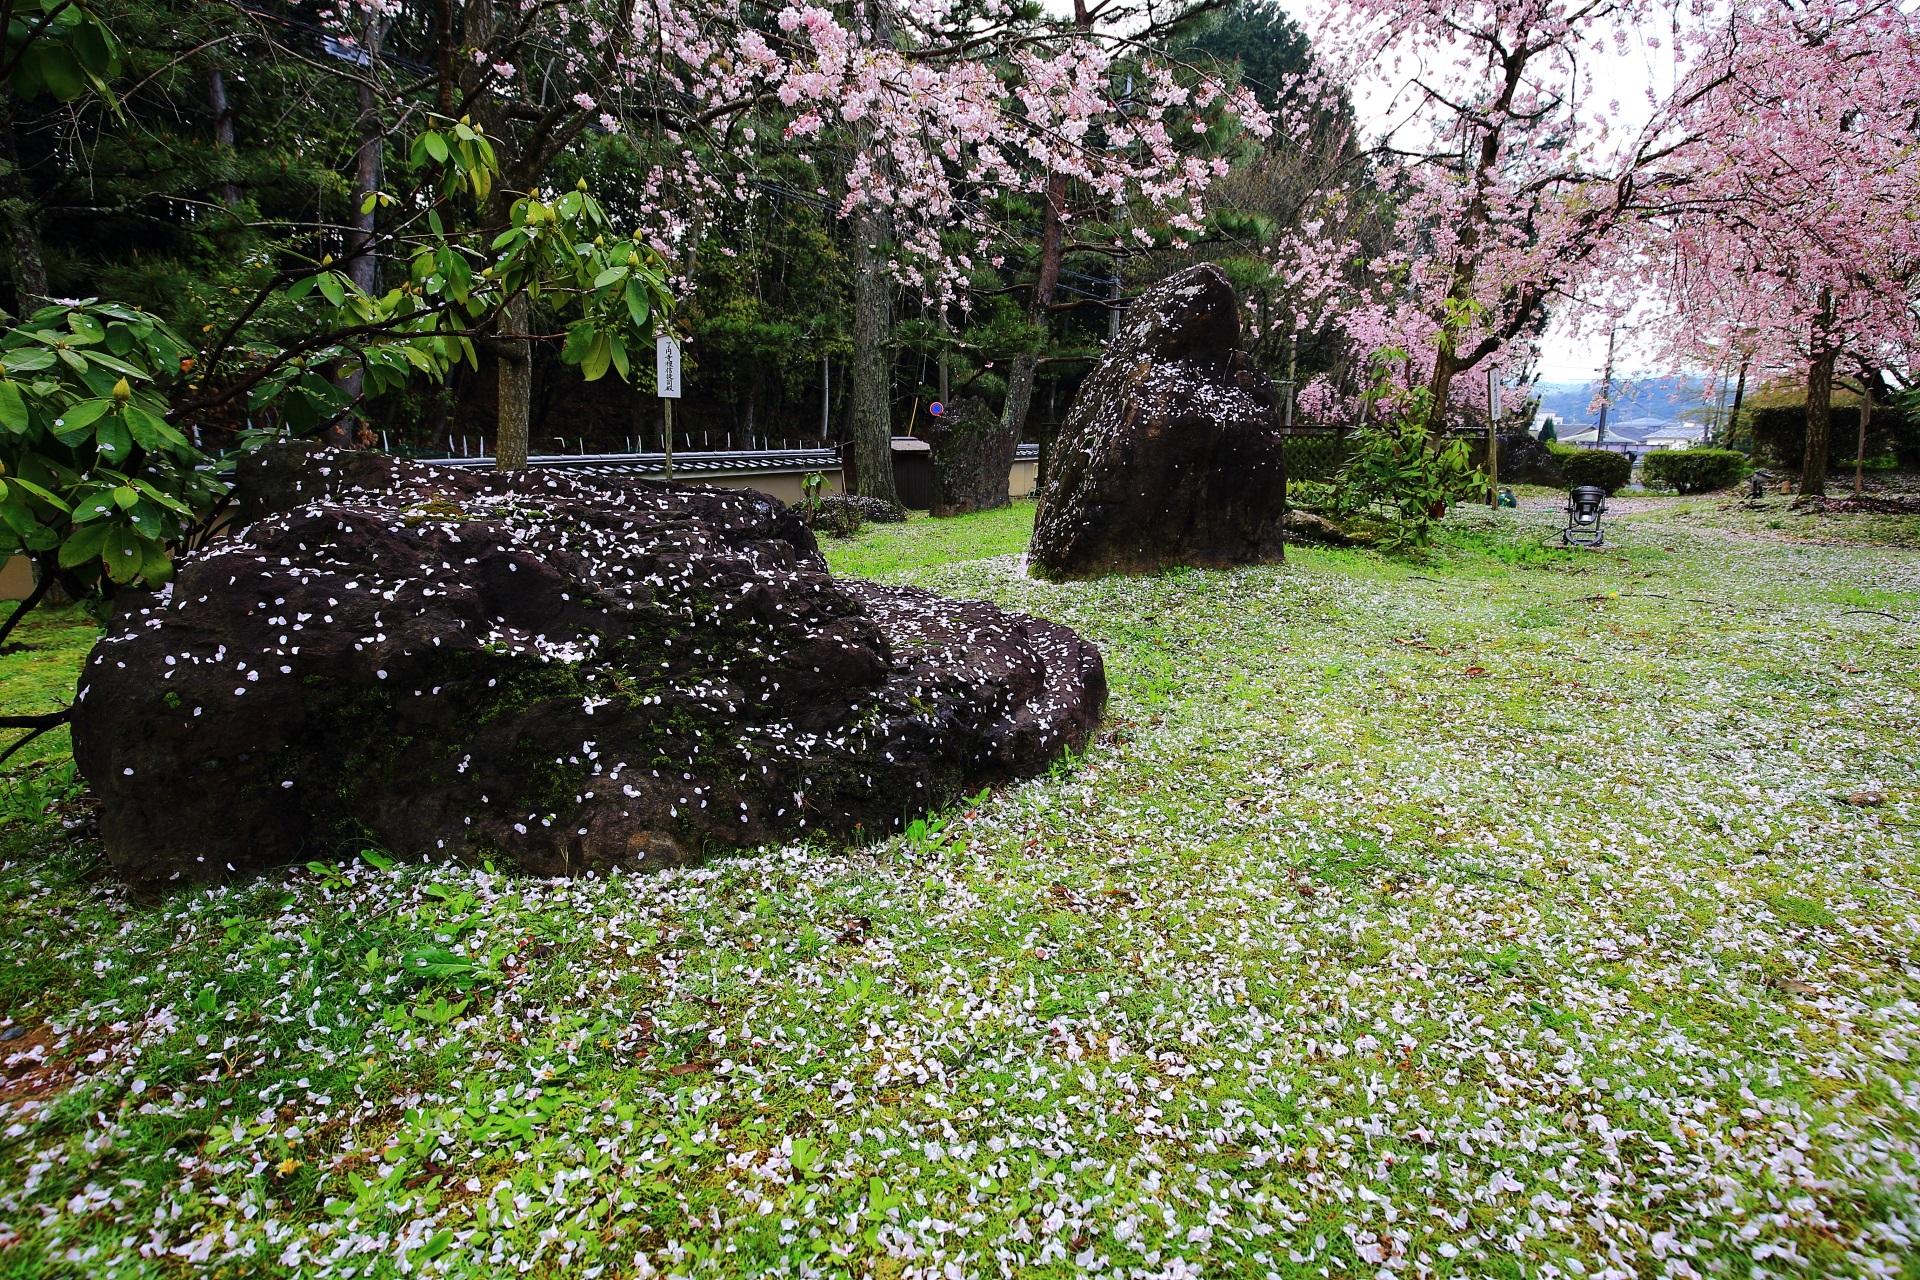 緑とピンクの華やかな春の彩り